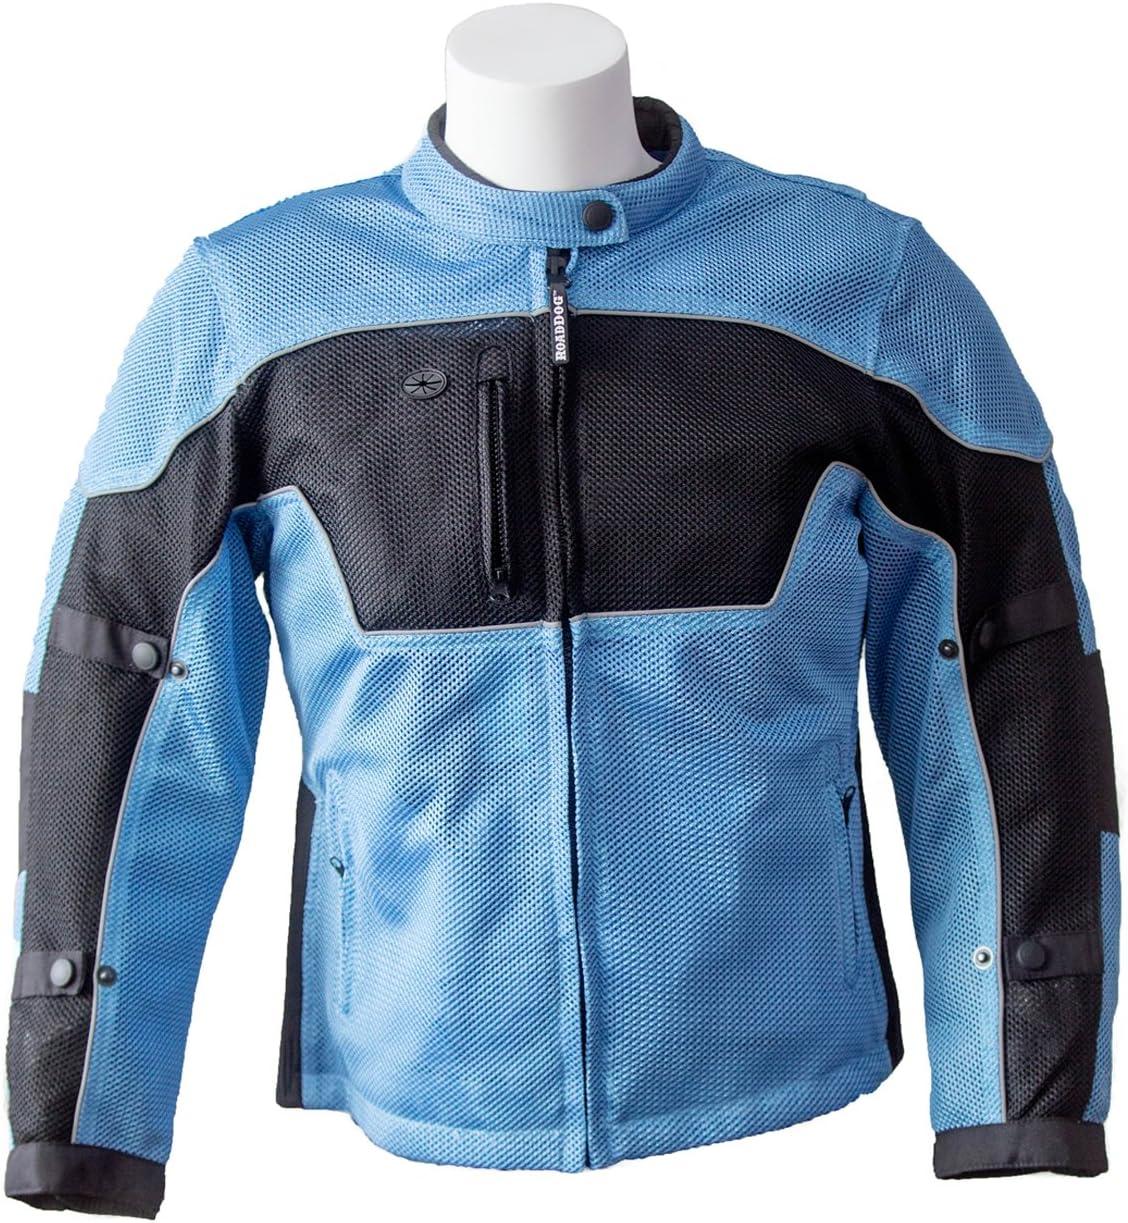 RoadDog Hurricane Mesh Motorcycle Riding Jacket Powder Blue Women's Large